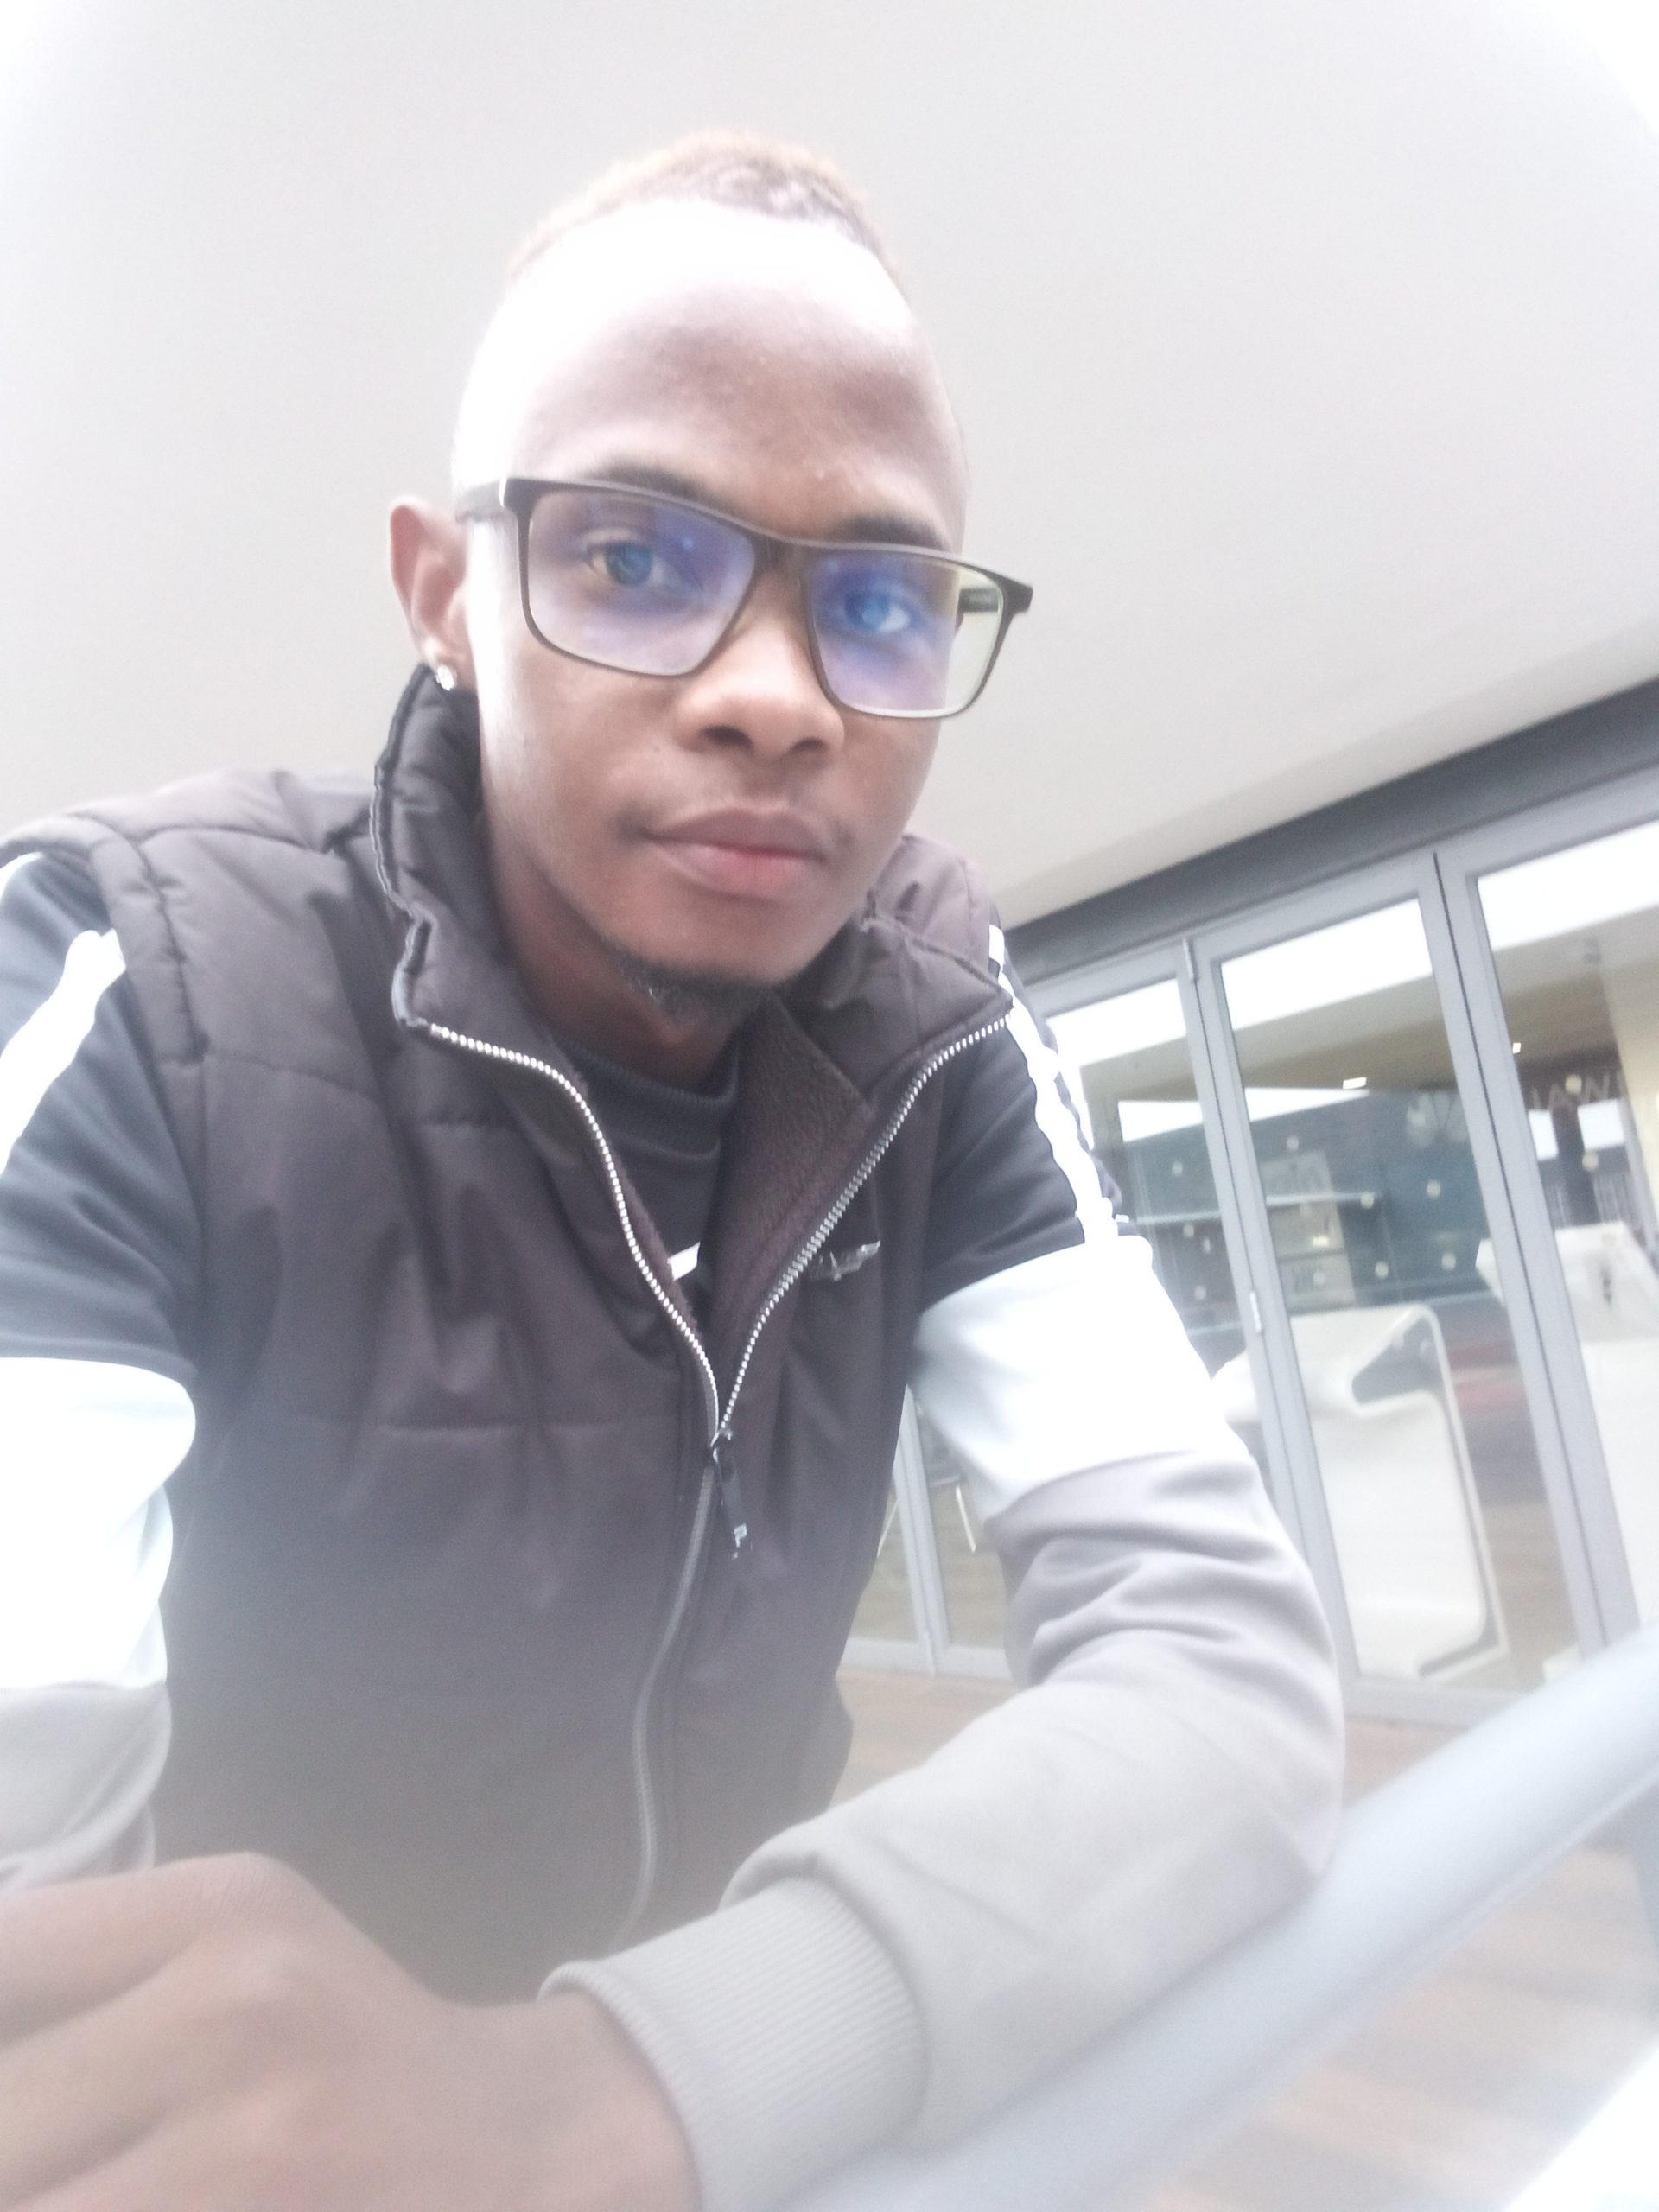 Mthokozisi Ephraim Sithole